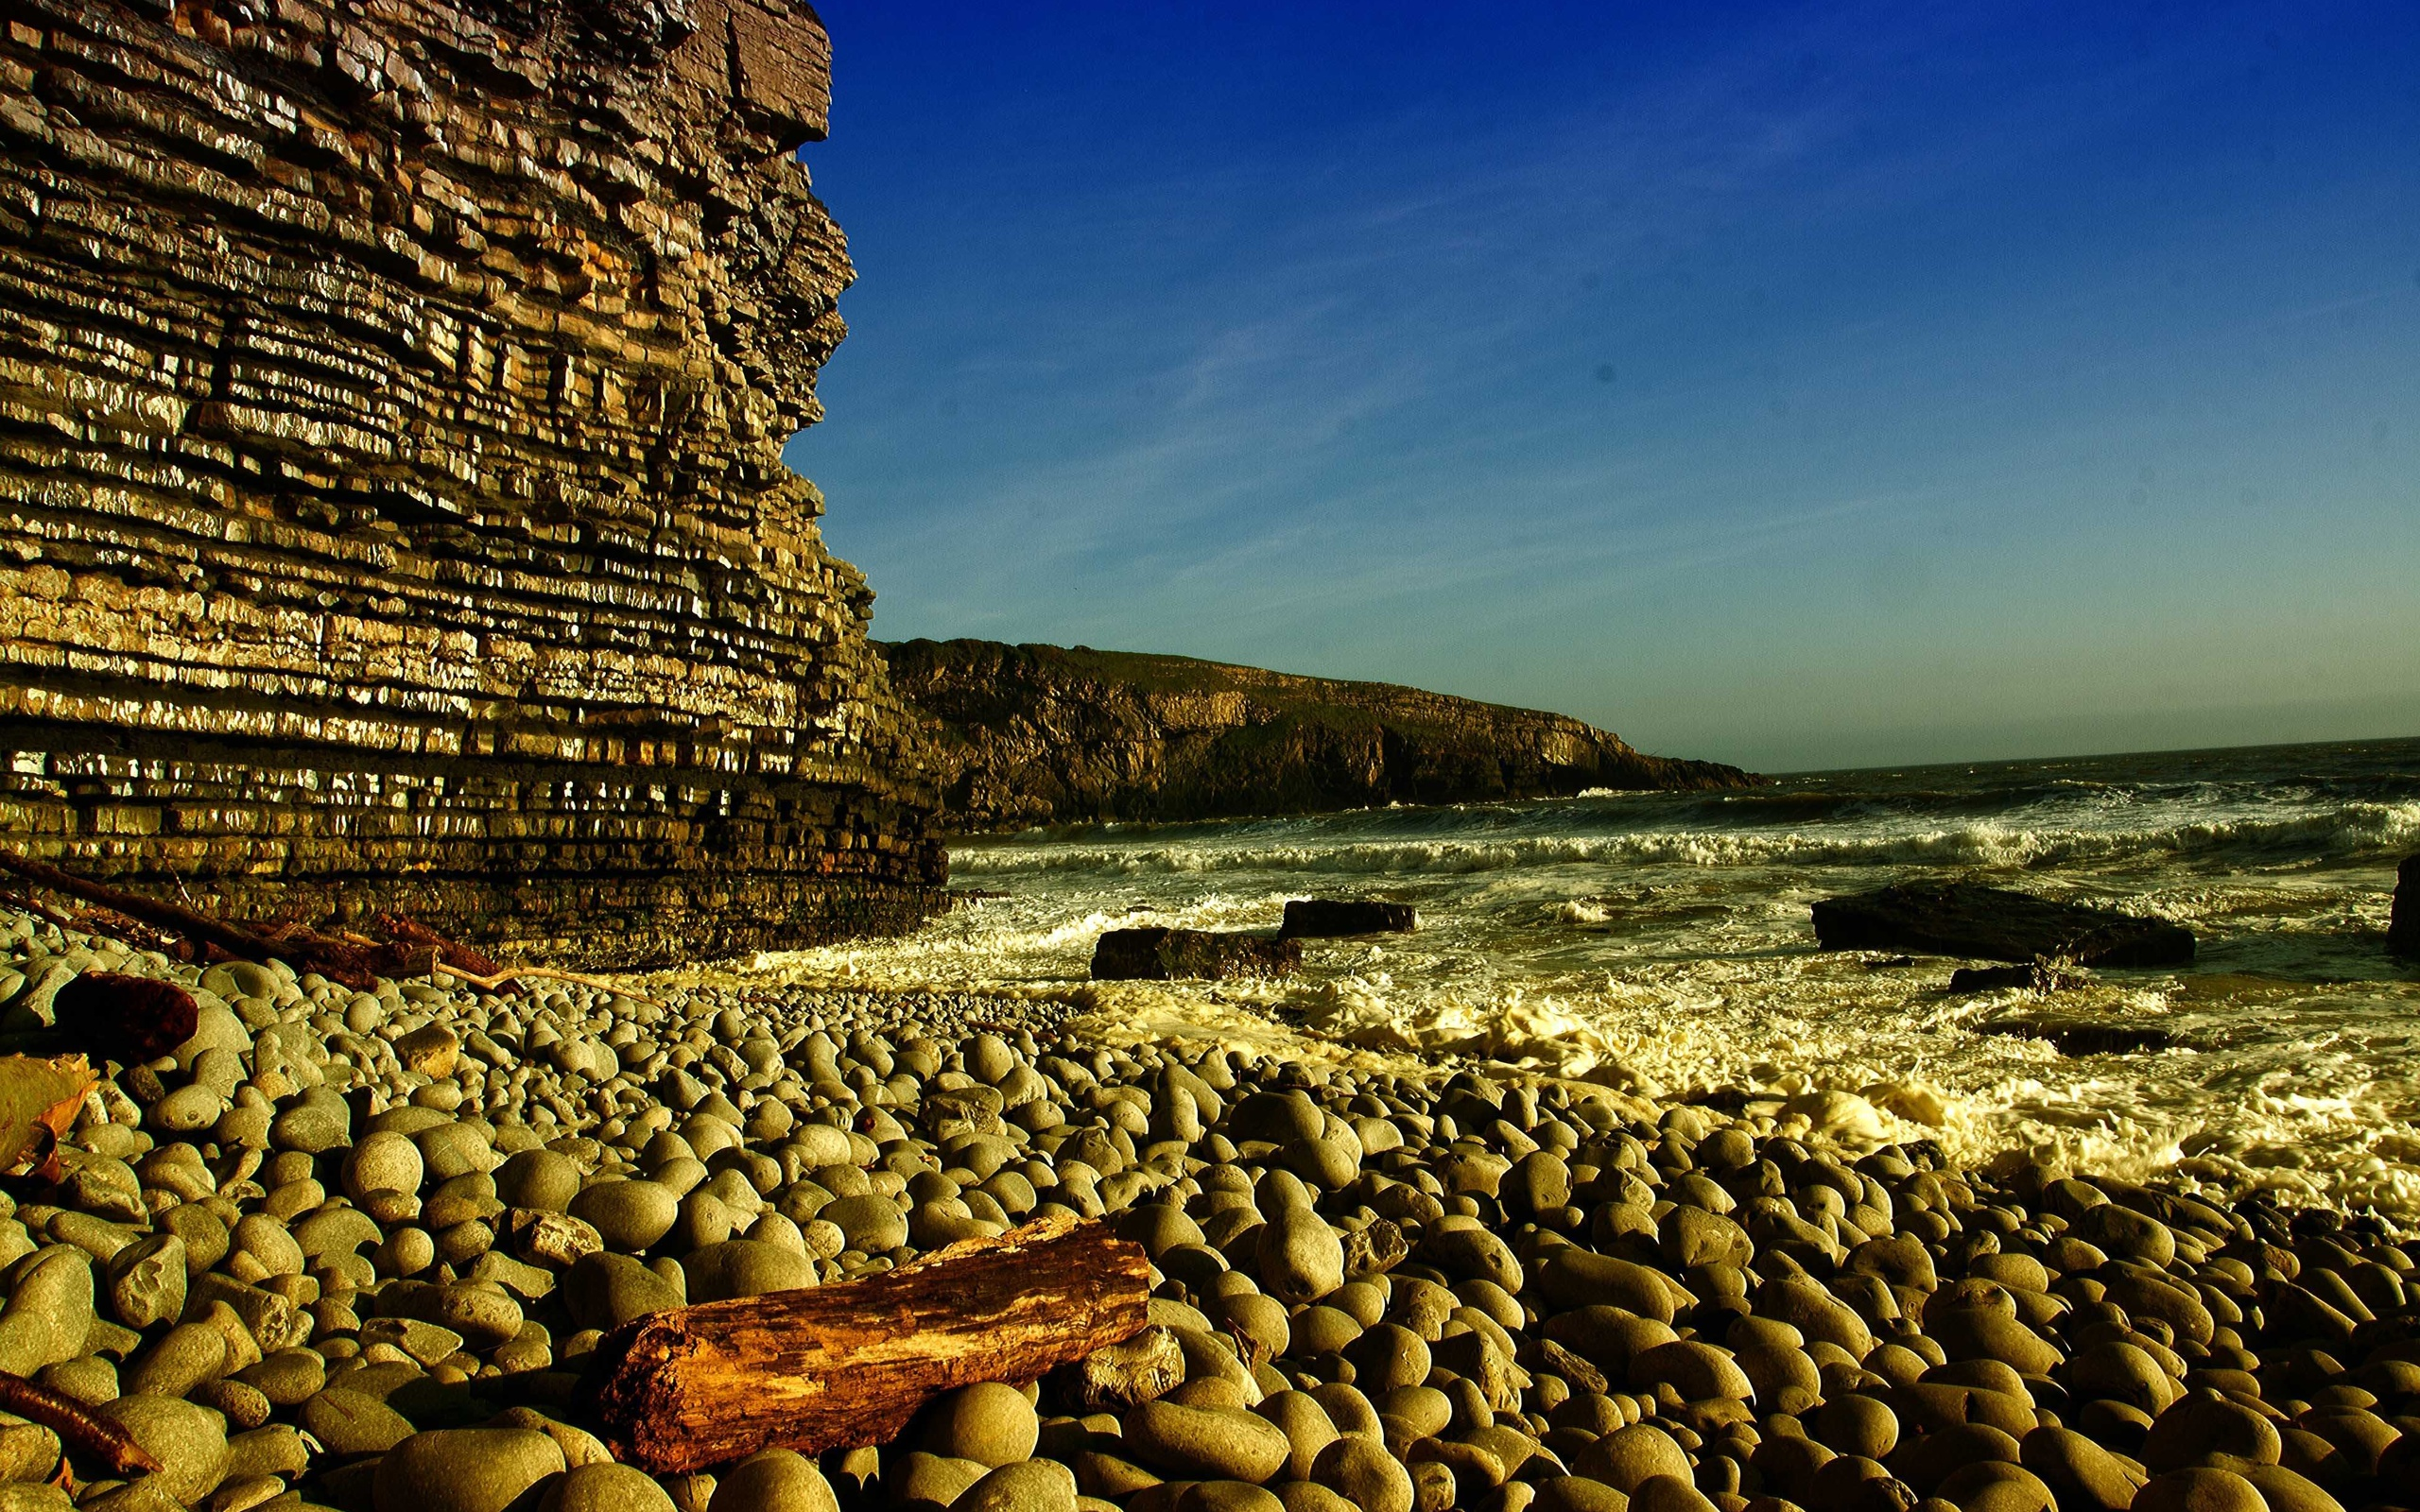 Каменистый и скальный берег бесплатно